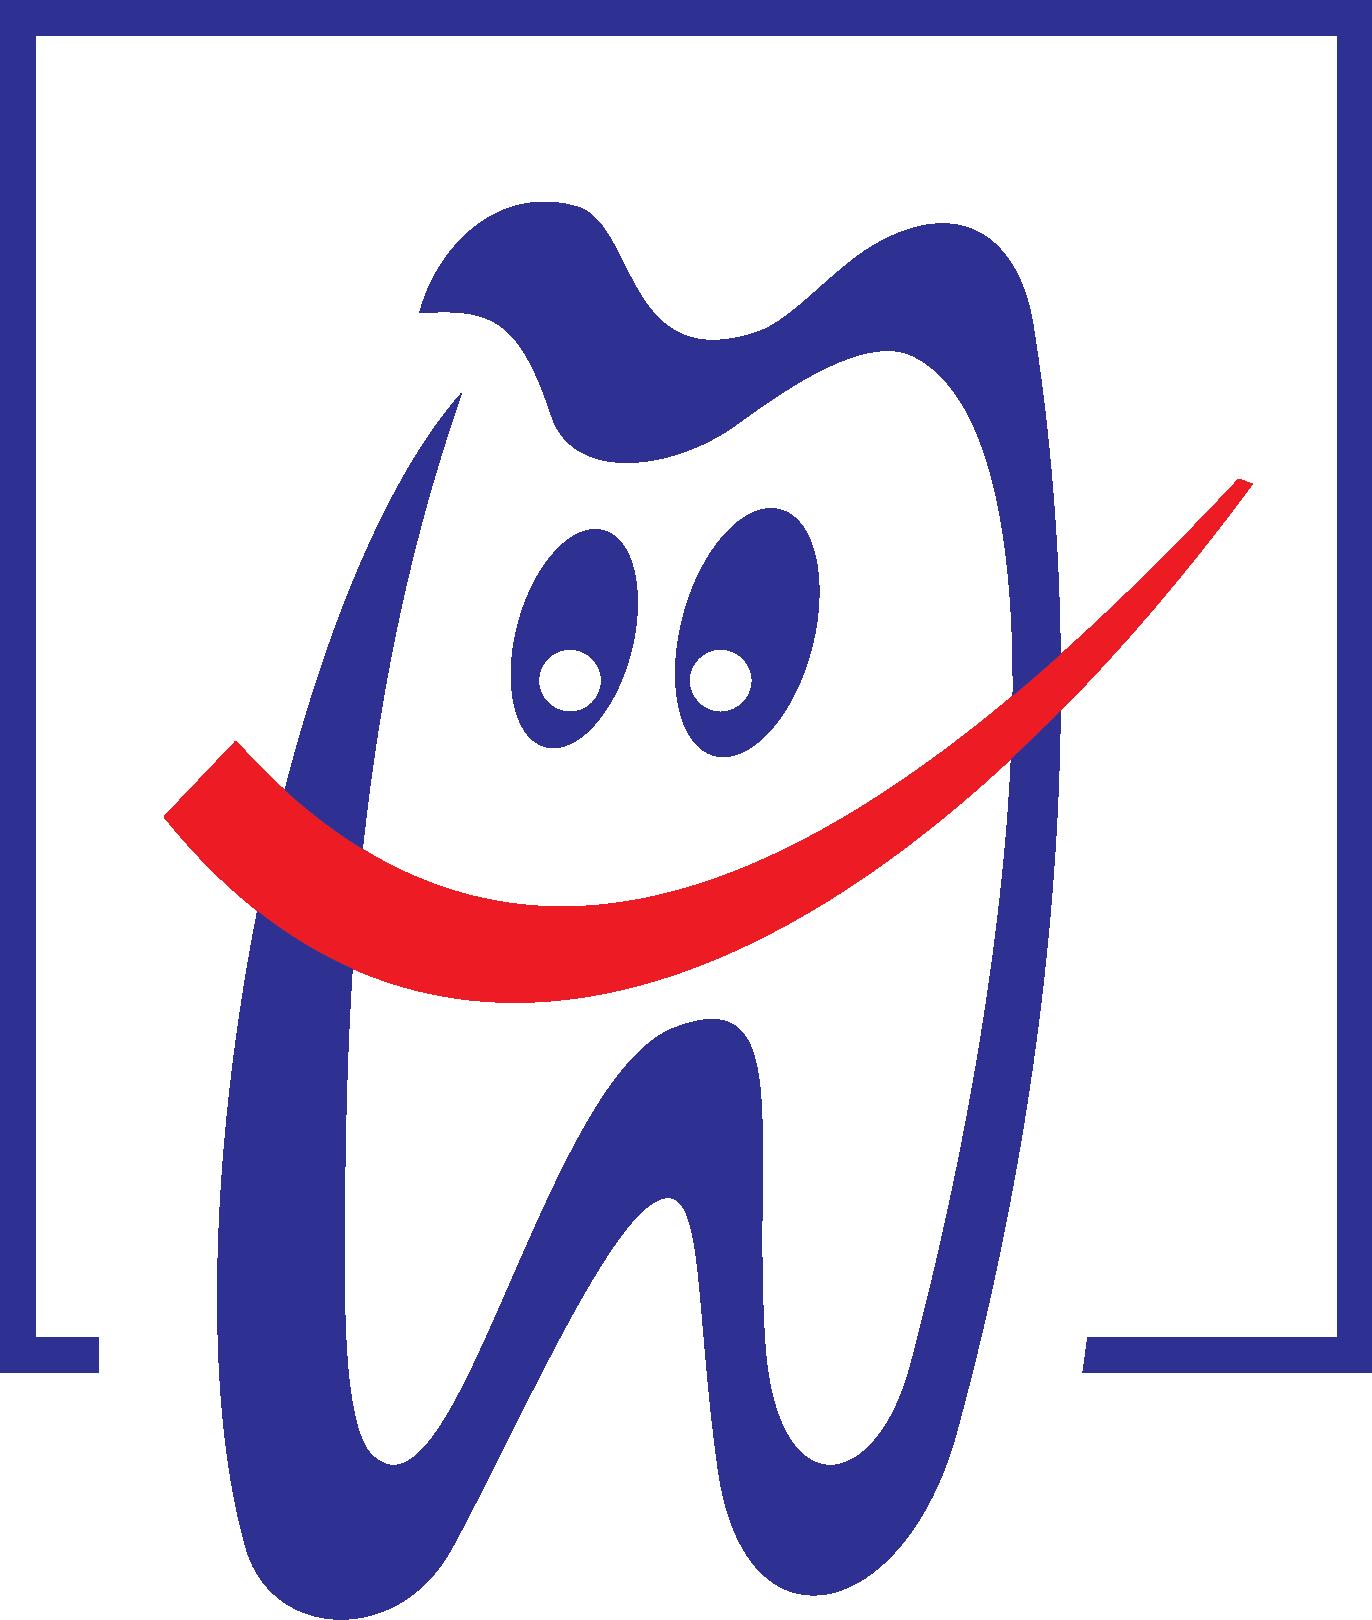 Zubní ordinace Loučka - Preferujeme přátelský a profesionální přístup.